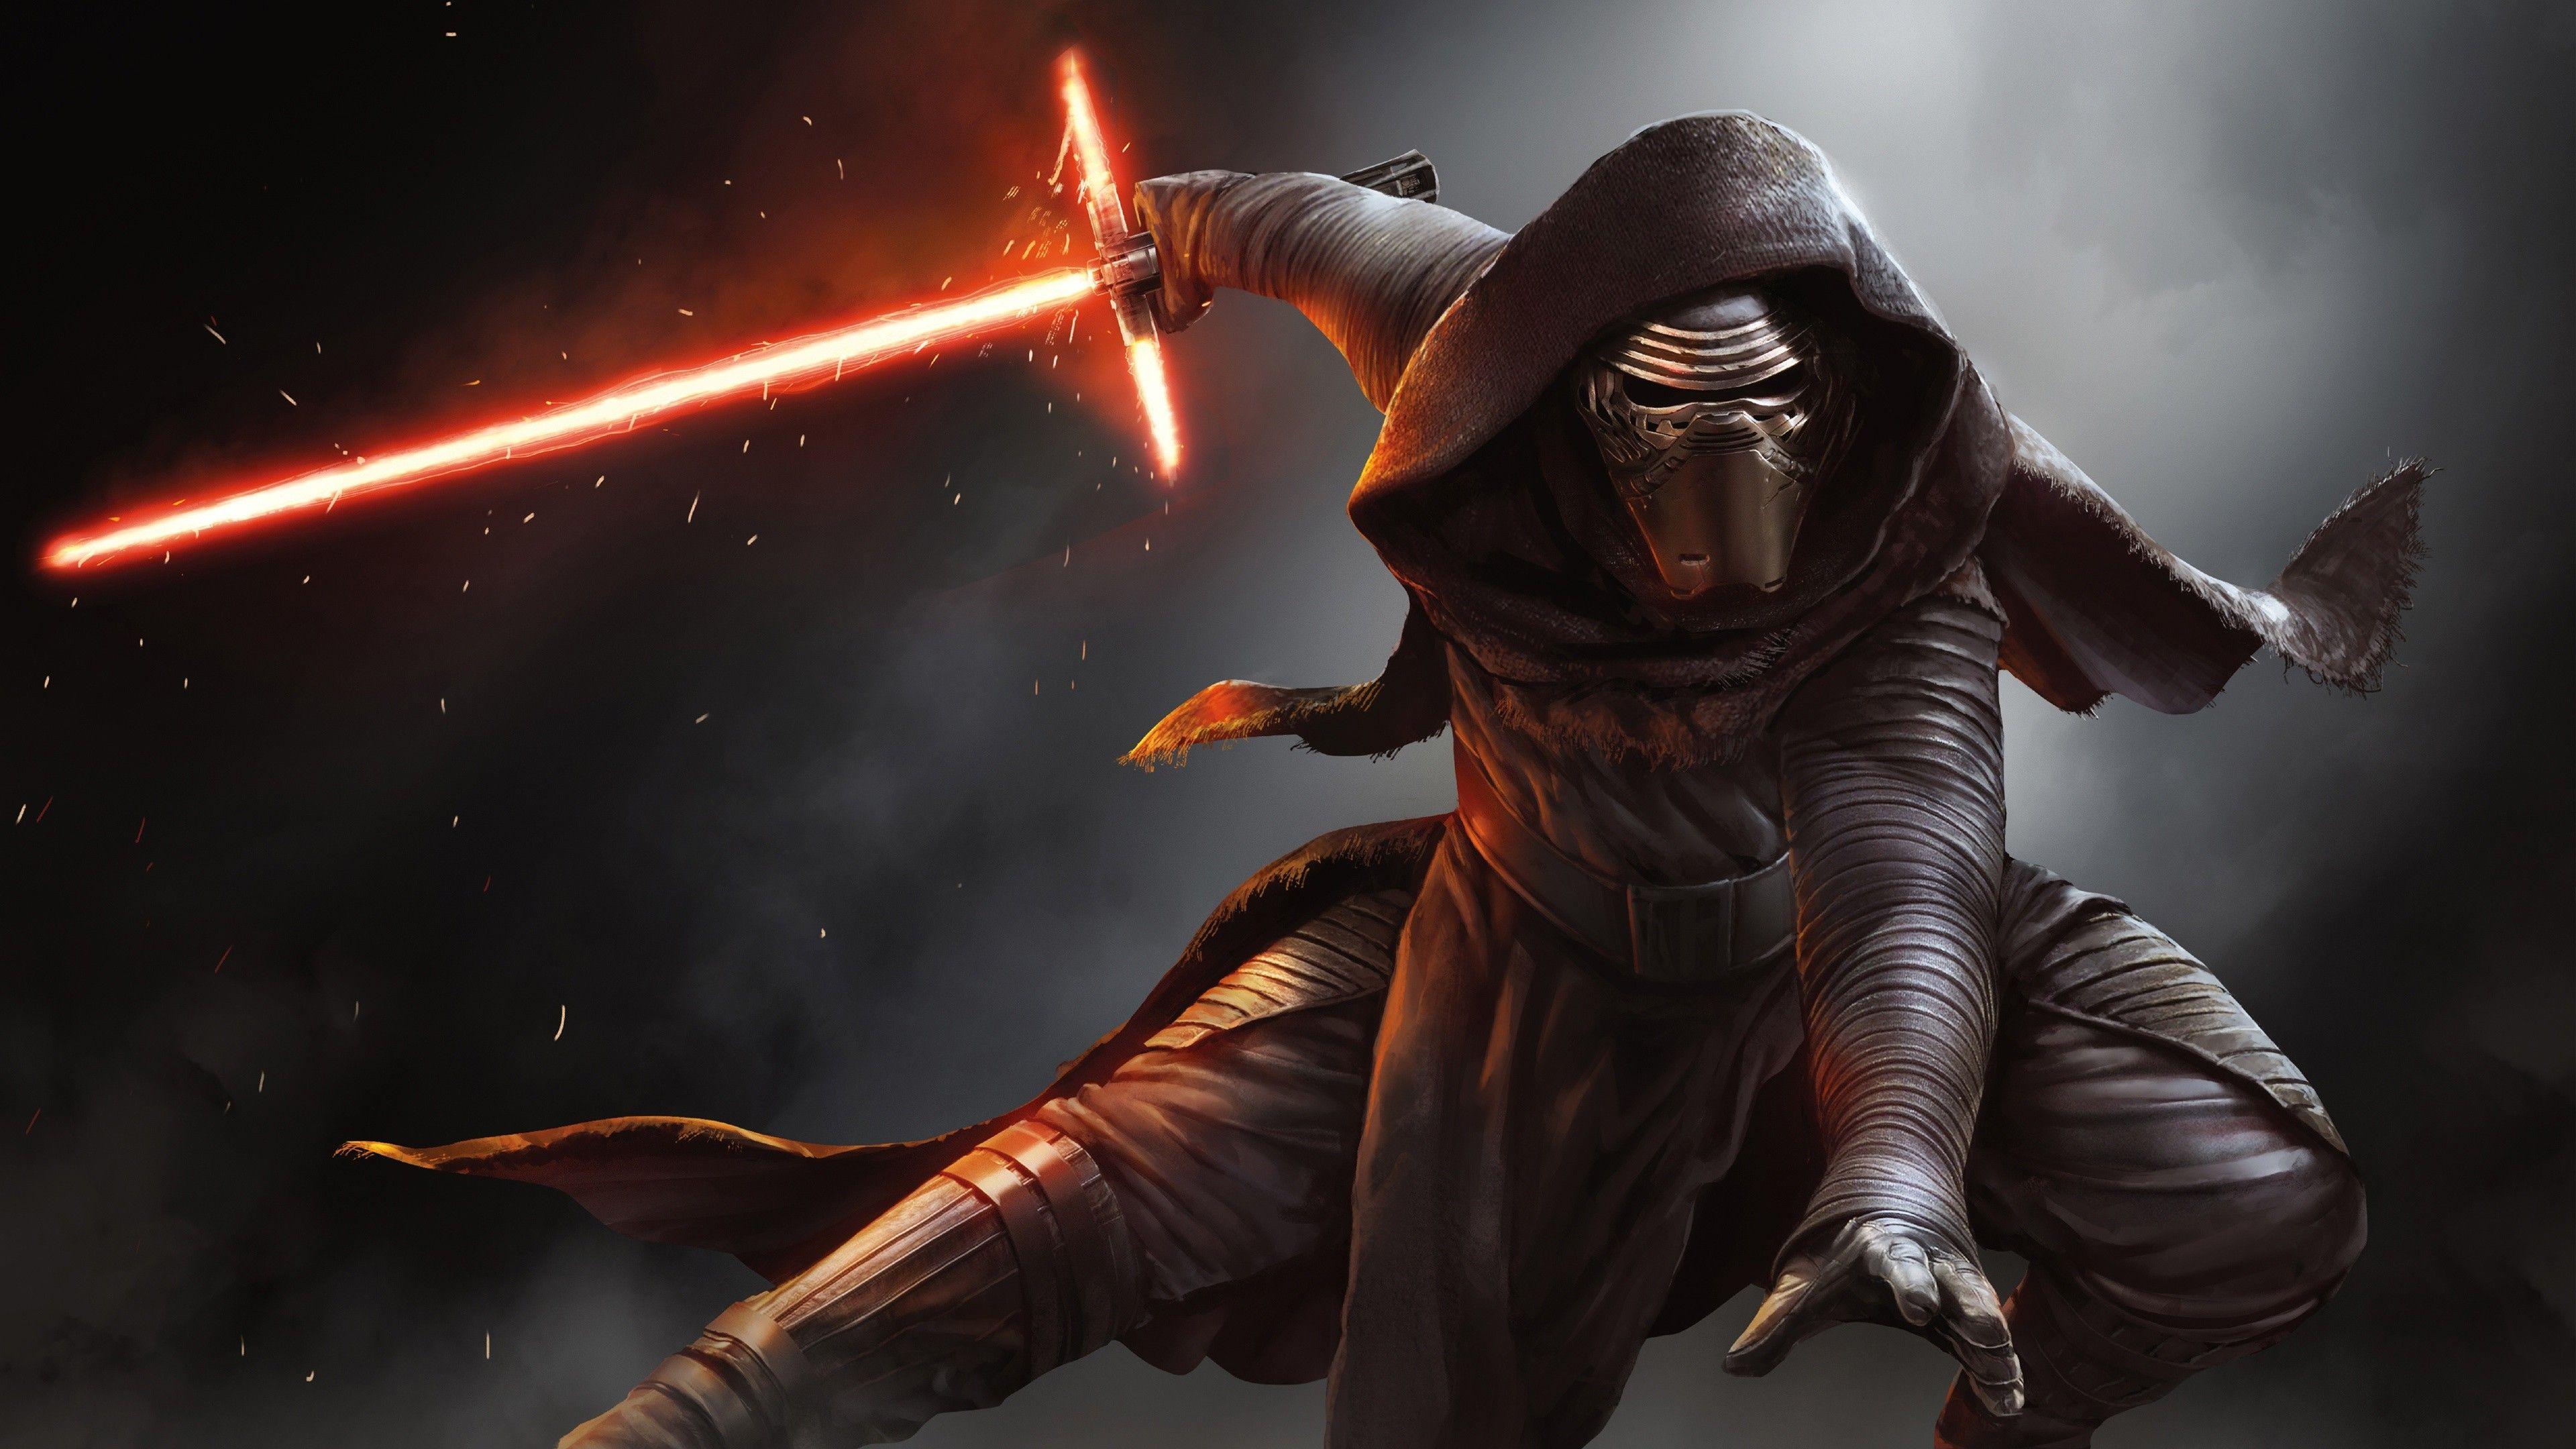 Film-fanartikel Star Wars Ep7 Kylo Ren Pappaufsteller Pappfigur Standy Ca Filme & Dvds 184 Cm